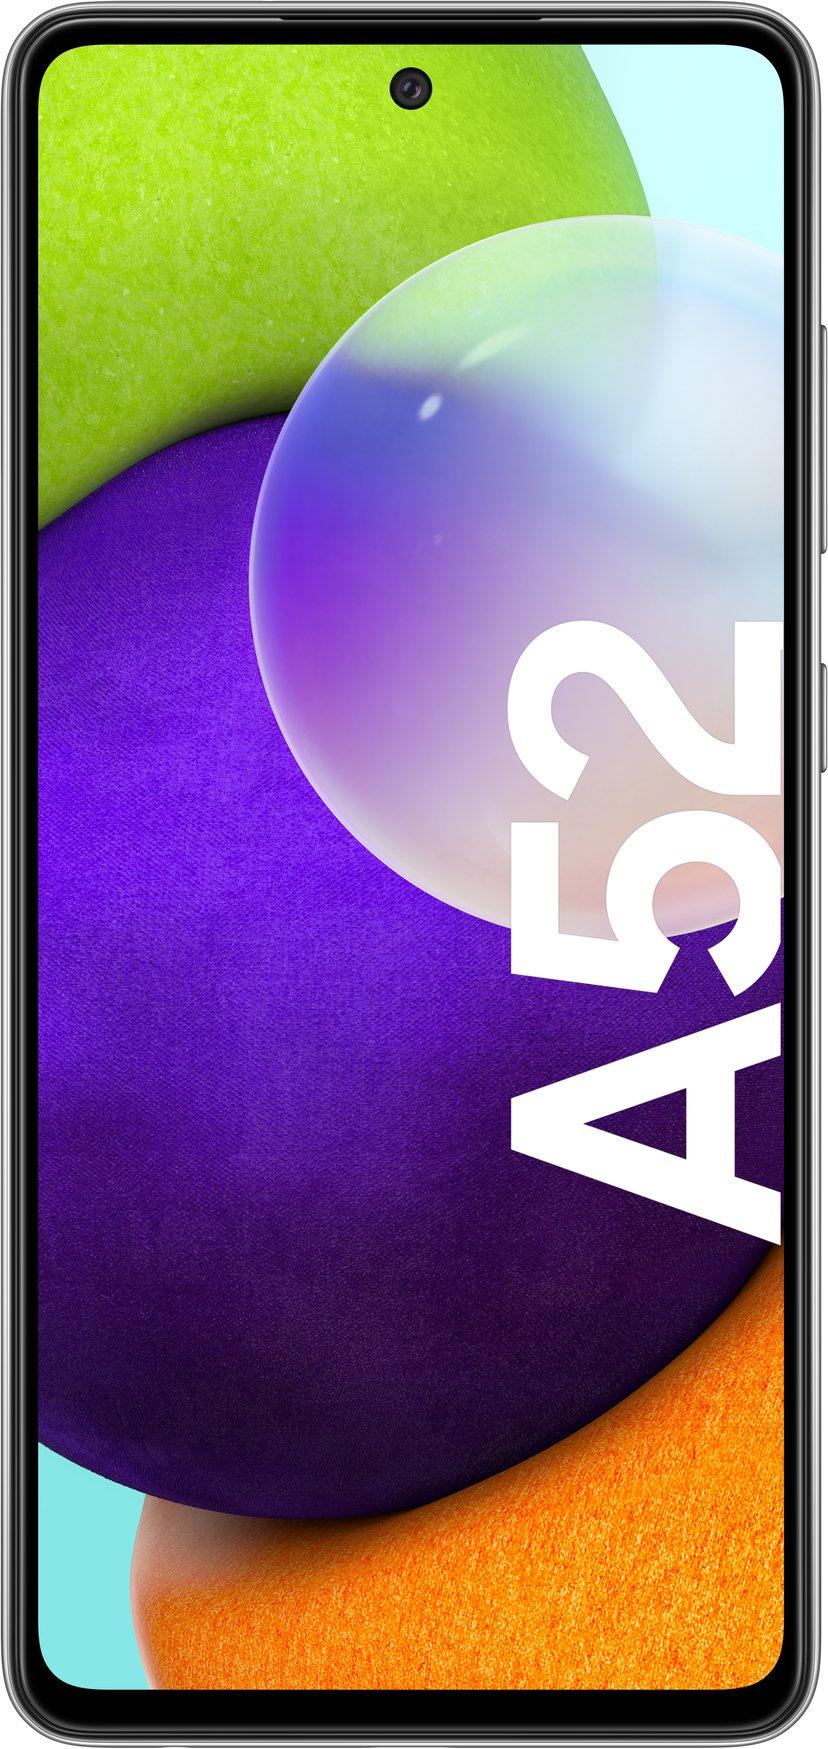 Samsung Galaxy A52 128GB Dual-SIM Fantastisk svart